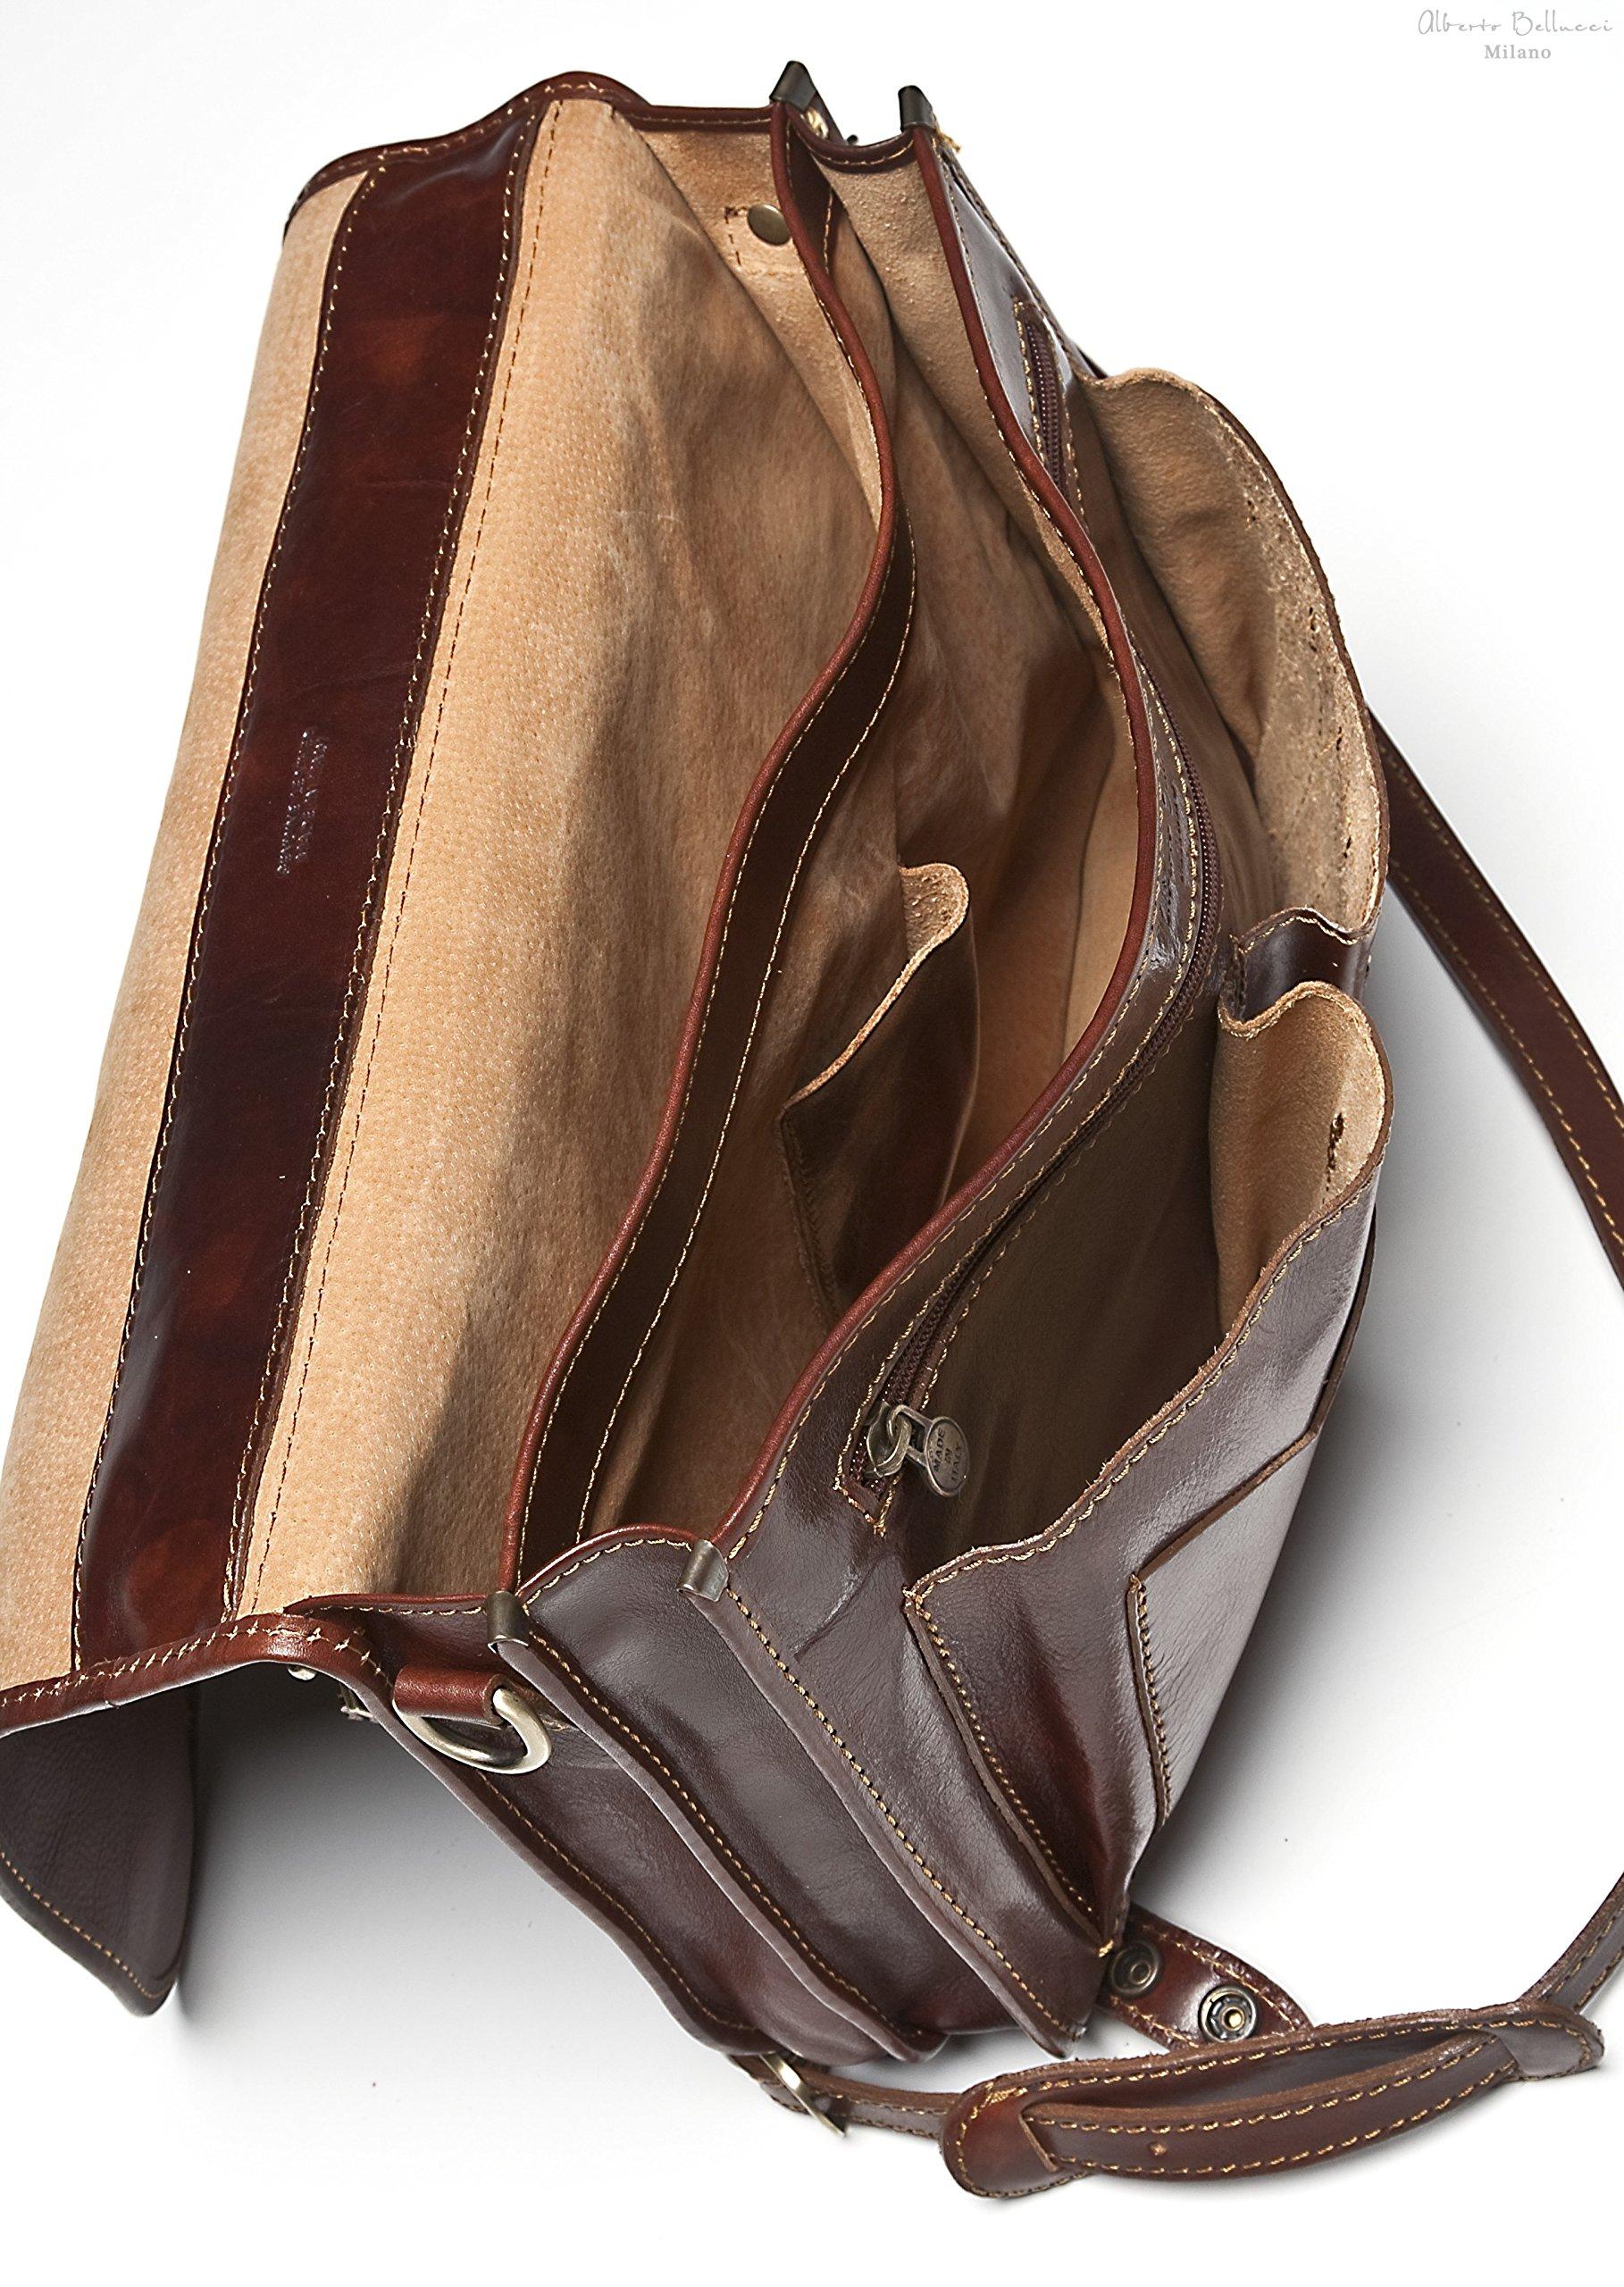 Alberto Bellucci Mens Italian Leather Comano Double Compartment Messenger Satchel Bag in Brown by Alberto Bellucci